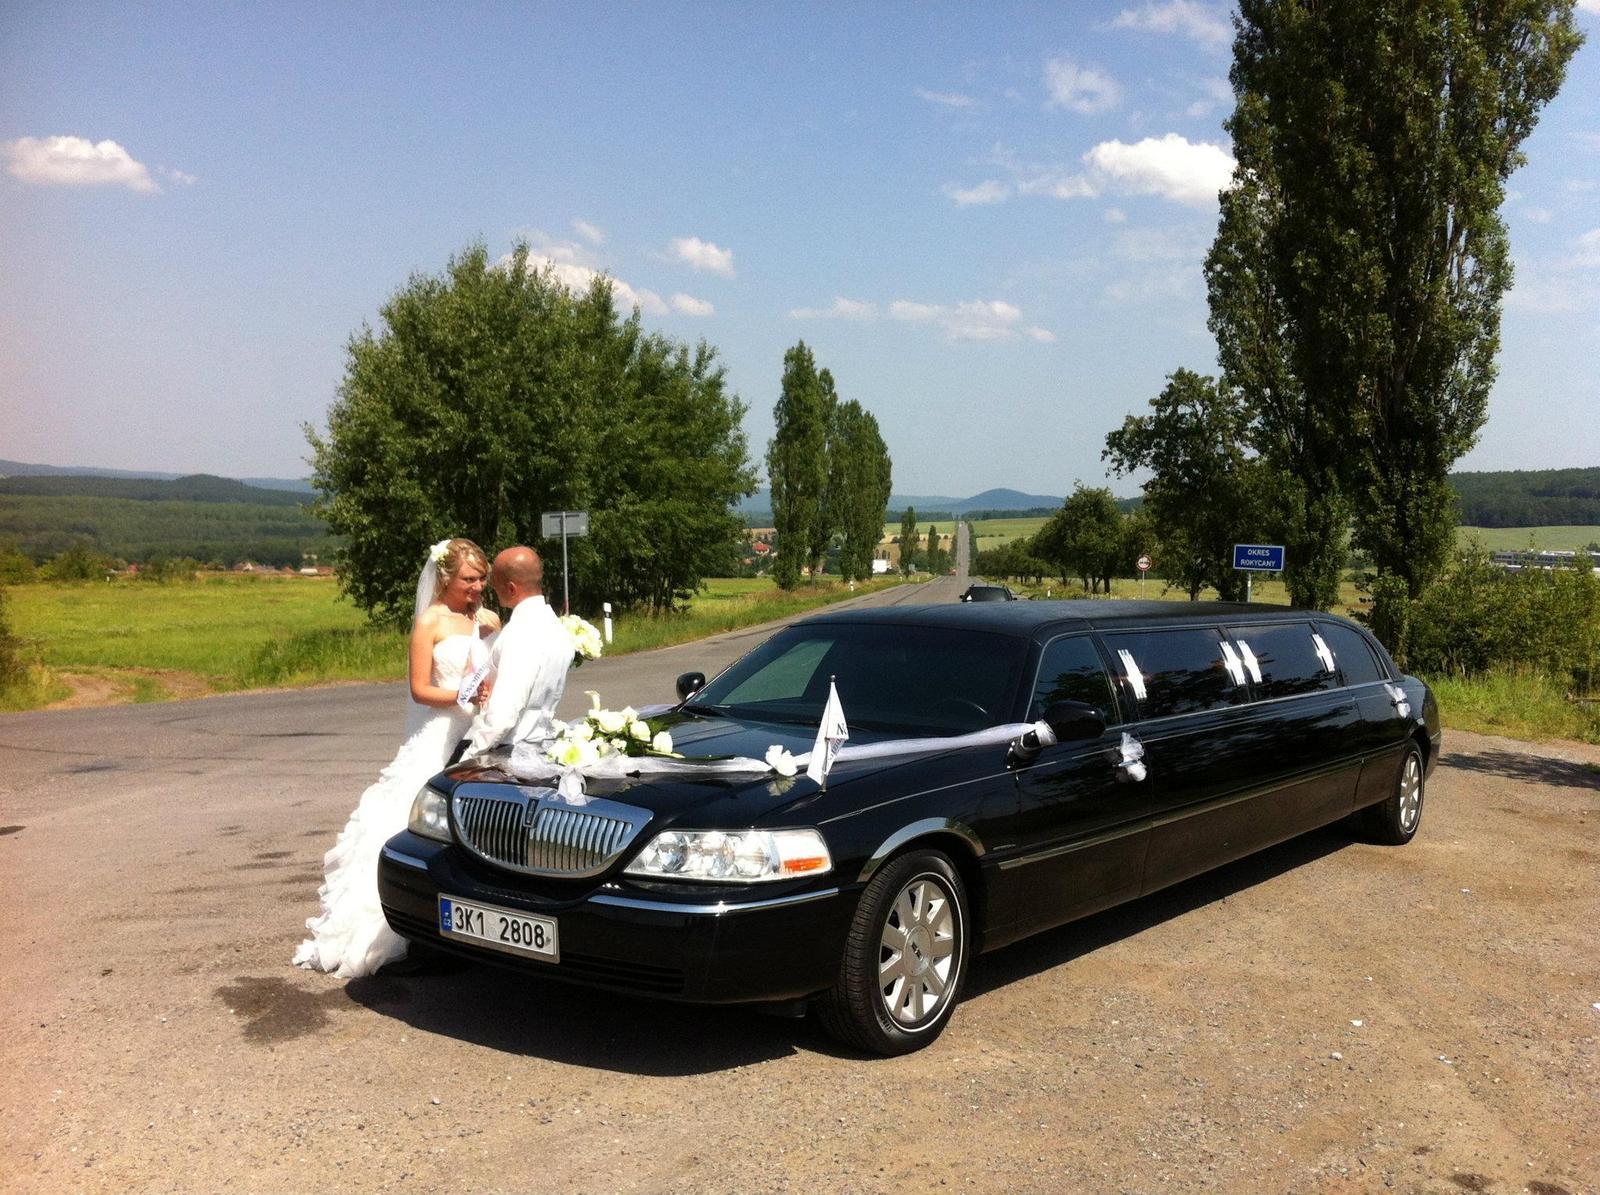 Svatební limuzína - Obrázek č. 2